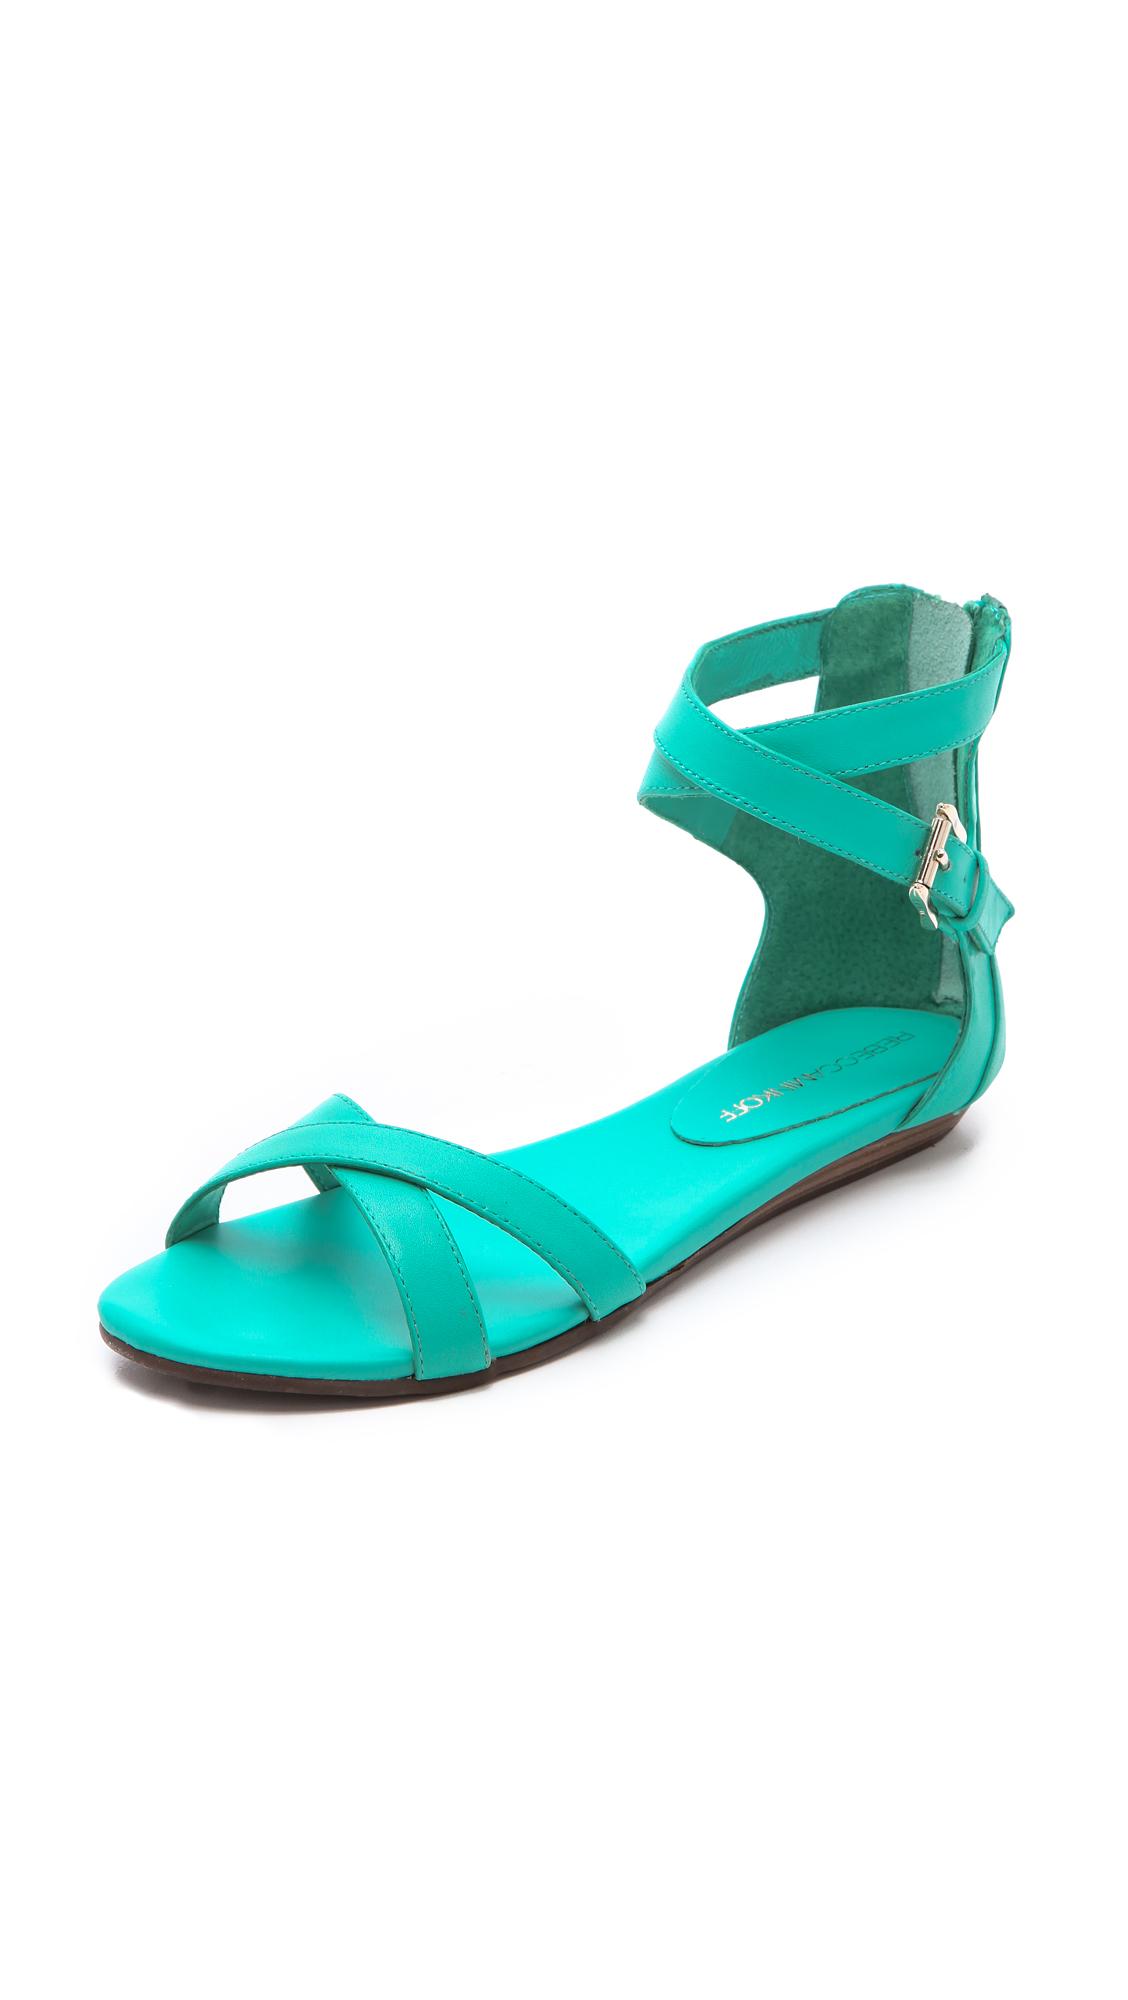 Lyst Rebecca Minkoff Bettina Flat Sandals In Green